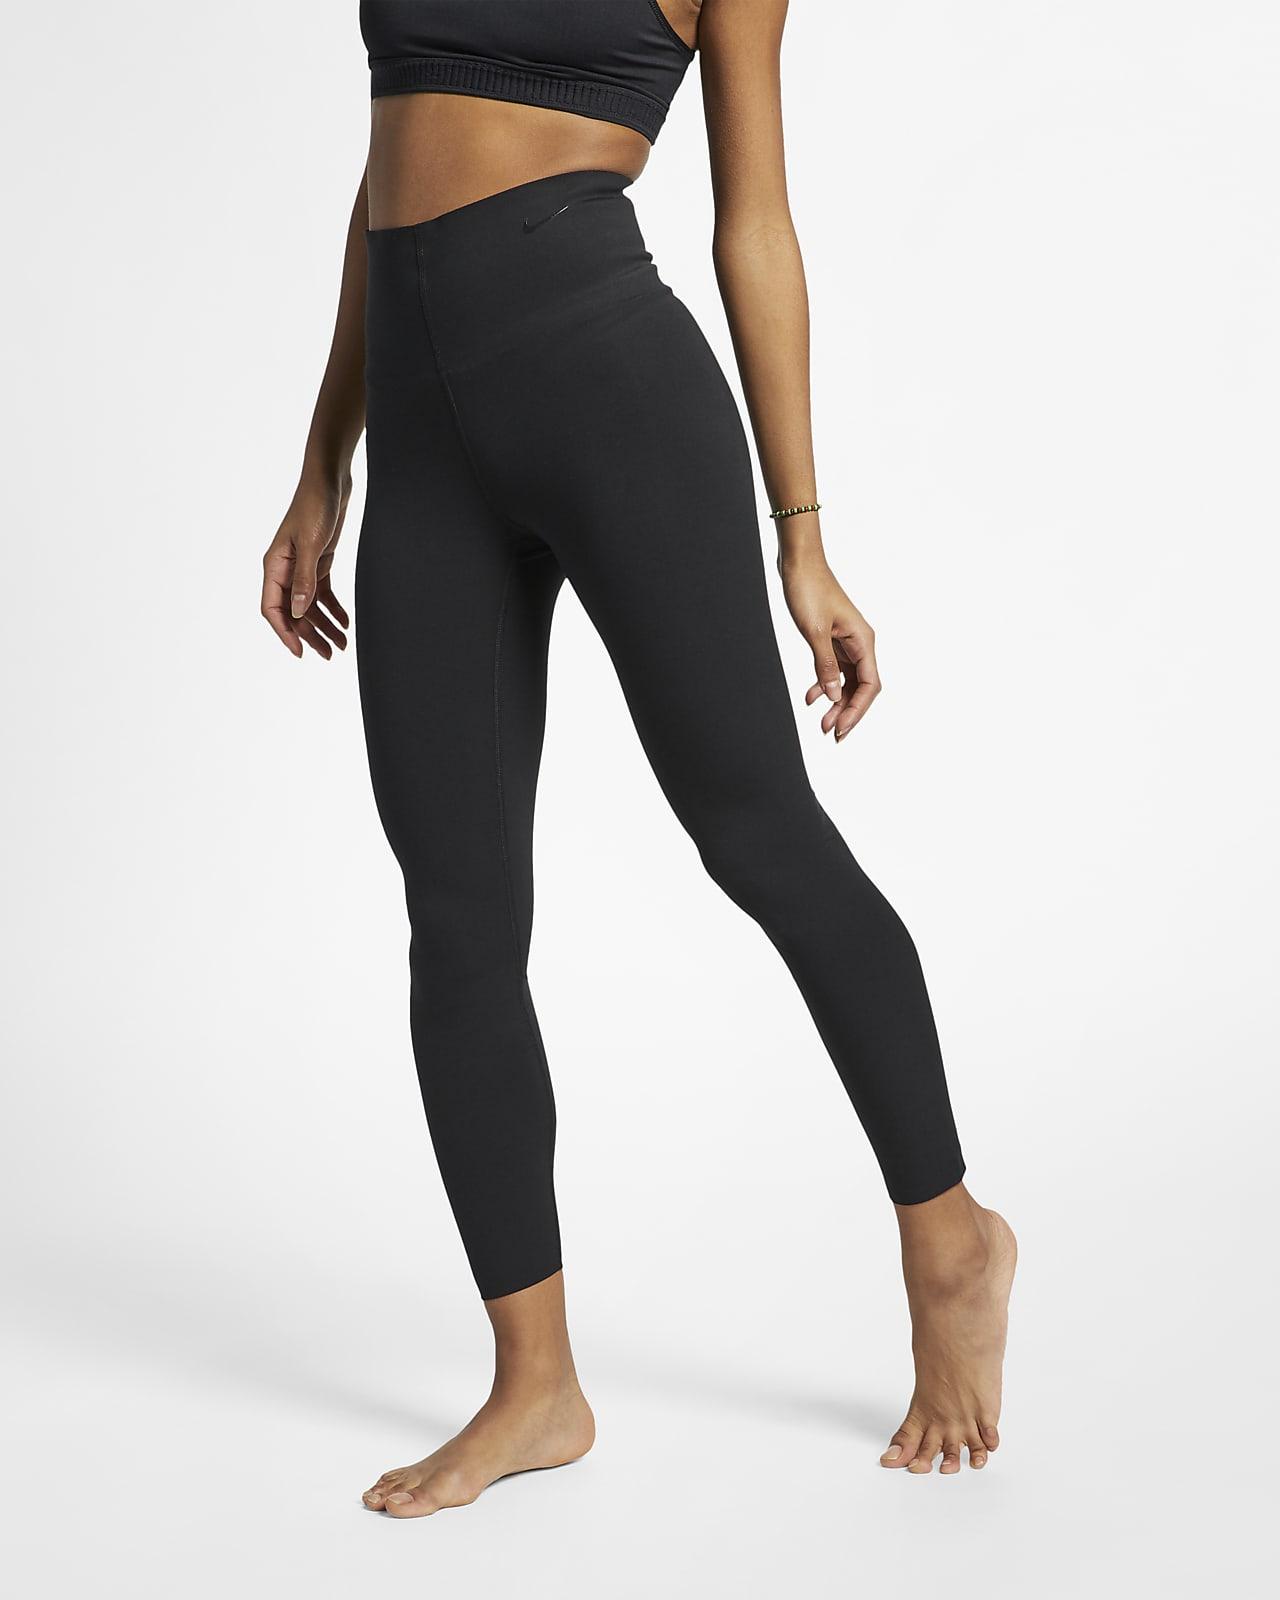 Legging 7/8 Nike Sculpt Luxe pour Femme